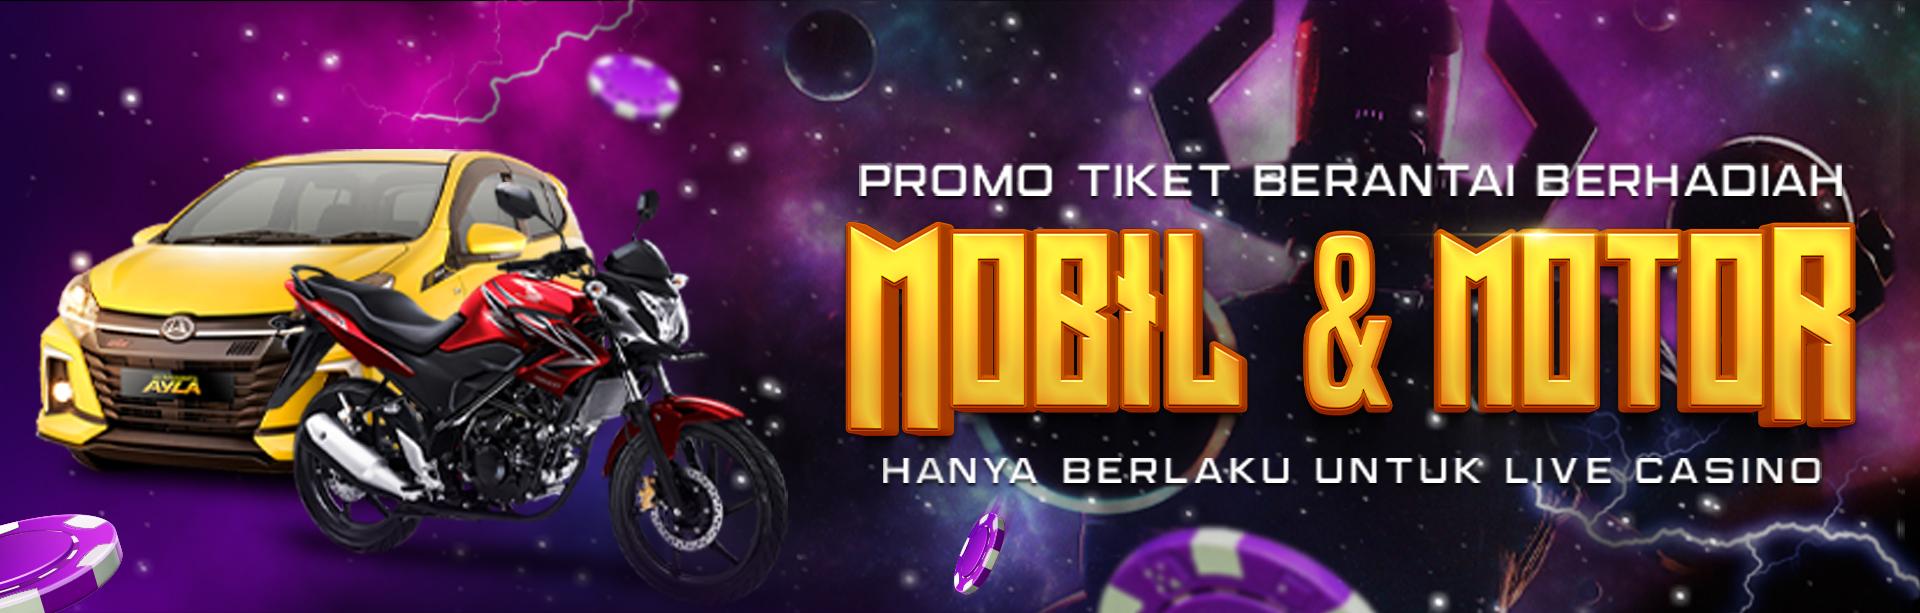 Promo Tiket Berantai LIve Casino